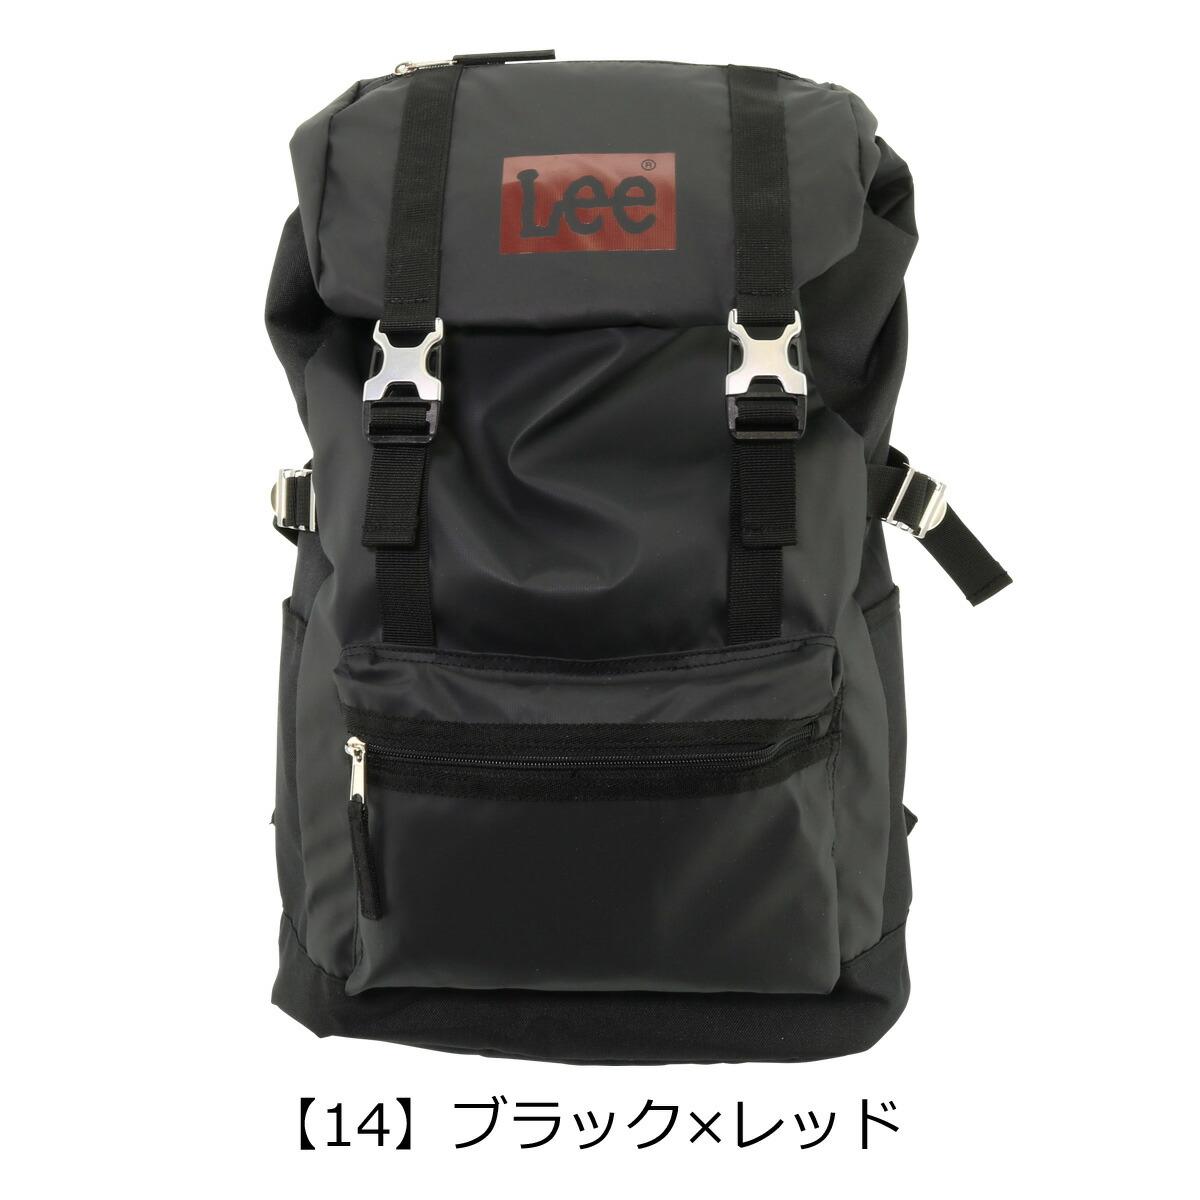 【14】ブラック/レッド